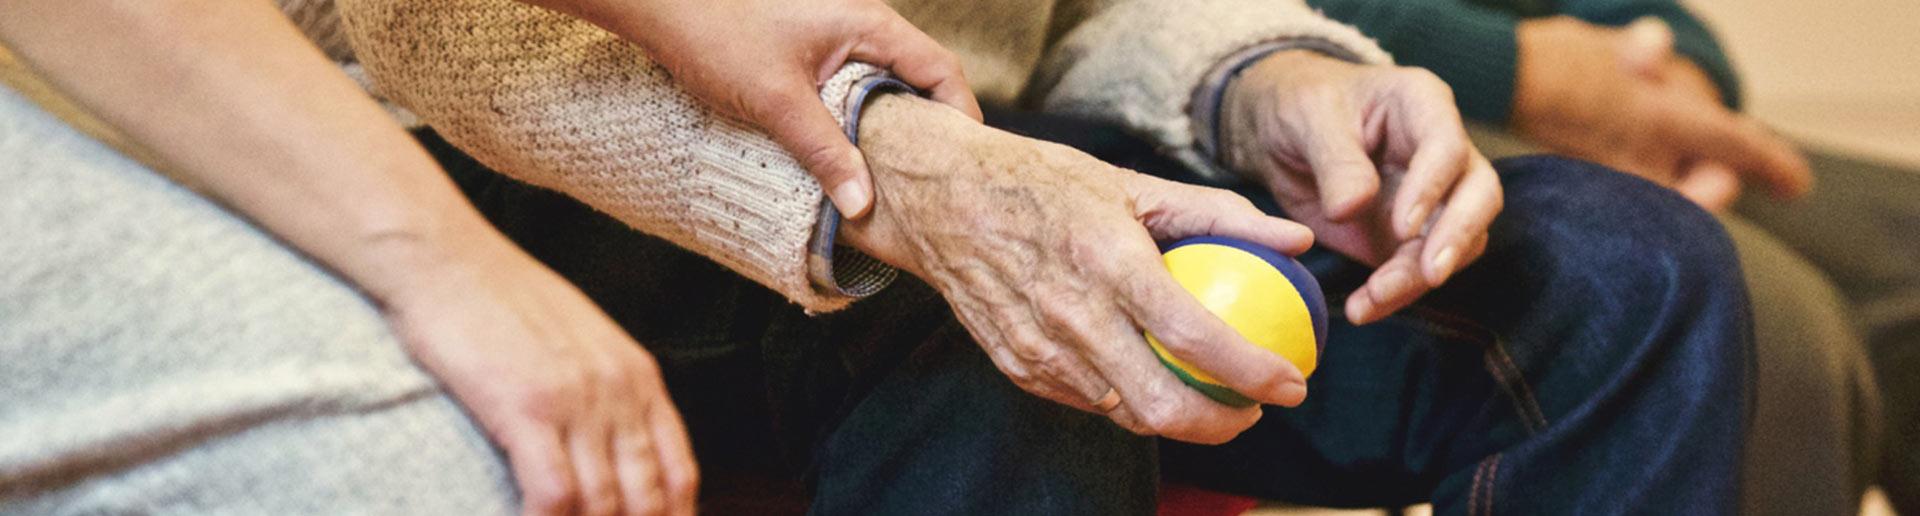 זקן אוחז כדור